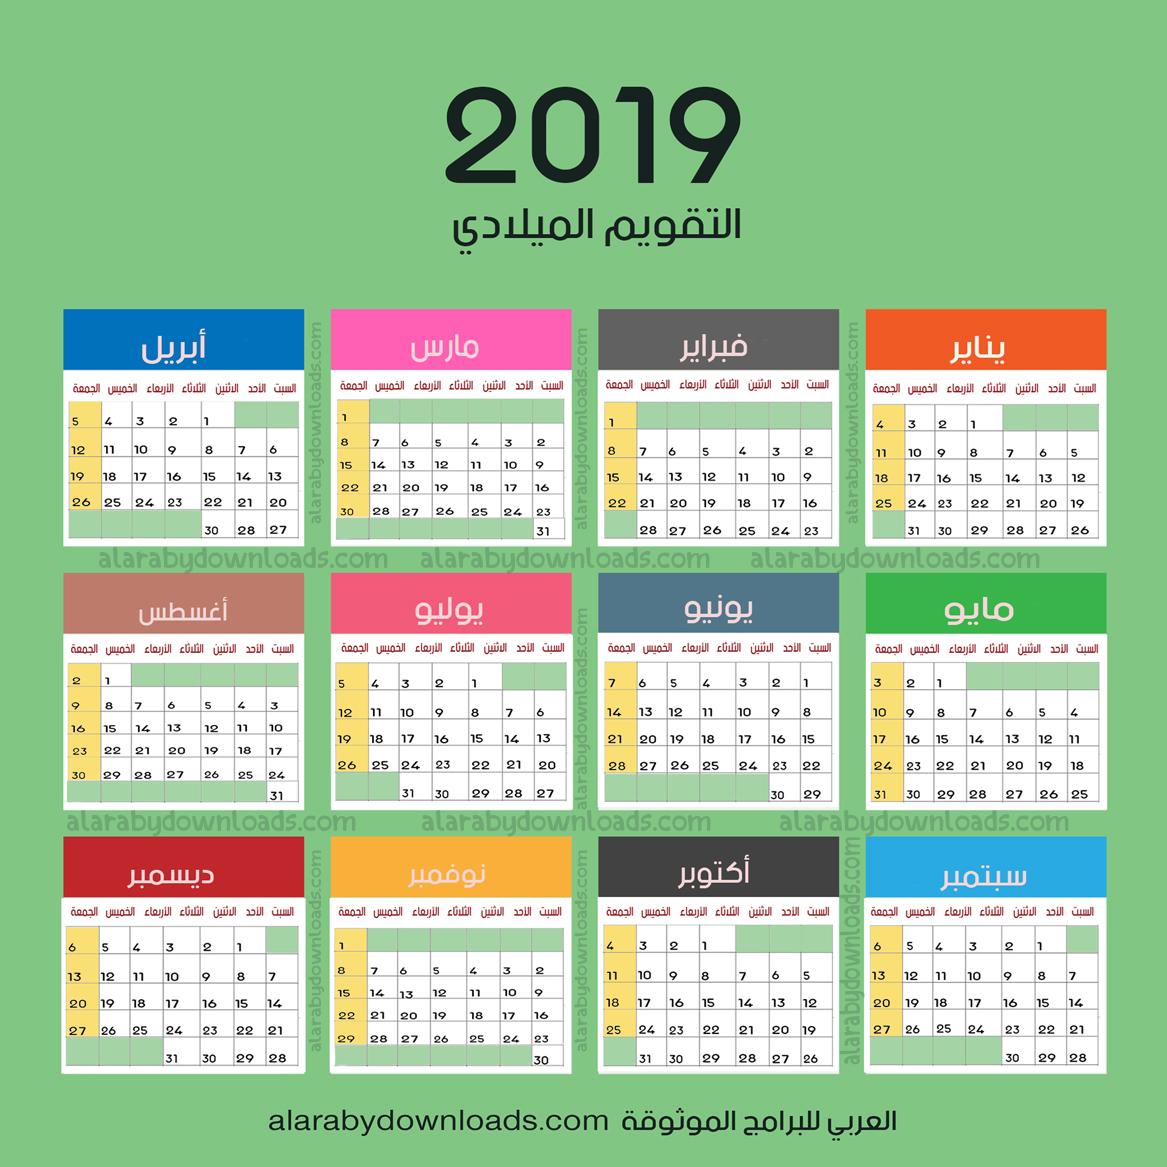 تحميل التقويم الميلادي 2019 للعام الجديد للكمبيوتر 2019 Gregorian calendar